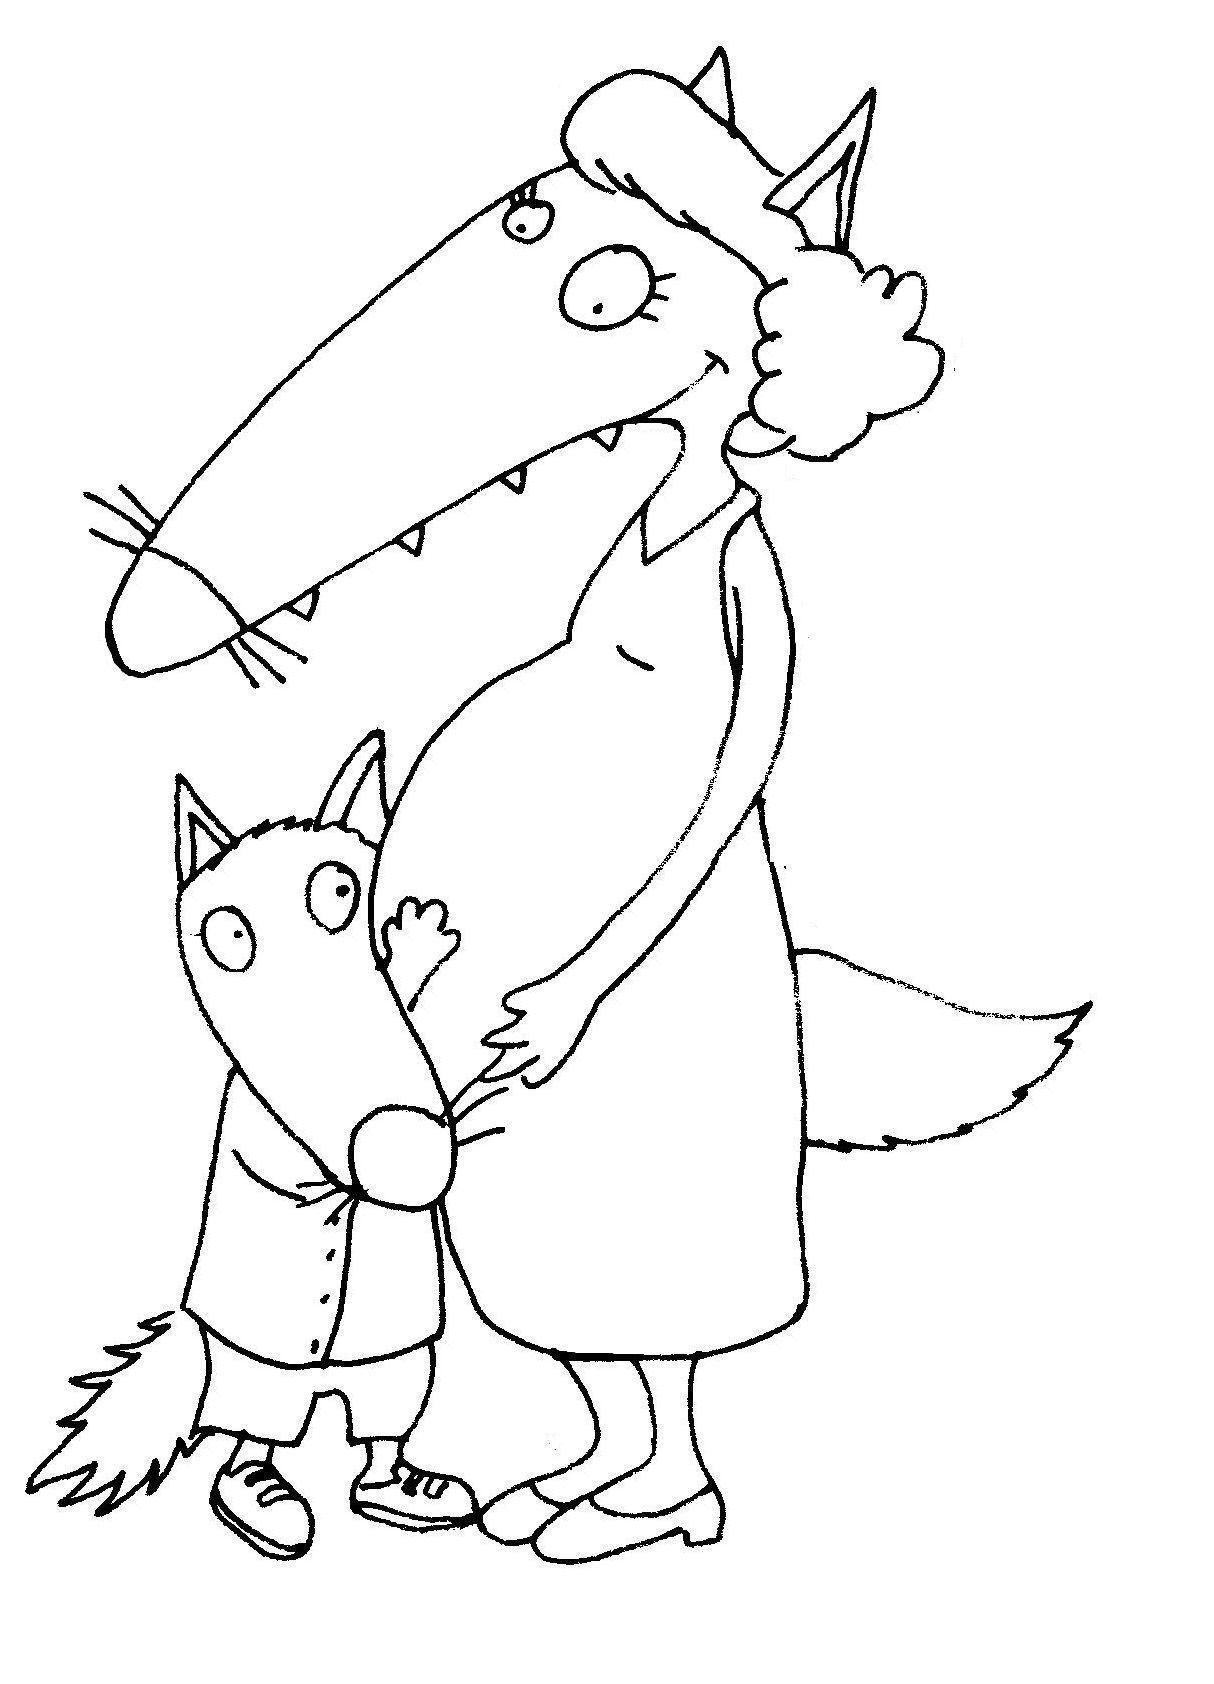 Ptit_Loup_Et_Maman_Encinte_1 (1214×1684)   Loup concernant Coloriage Loup Maternelle